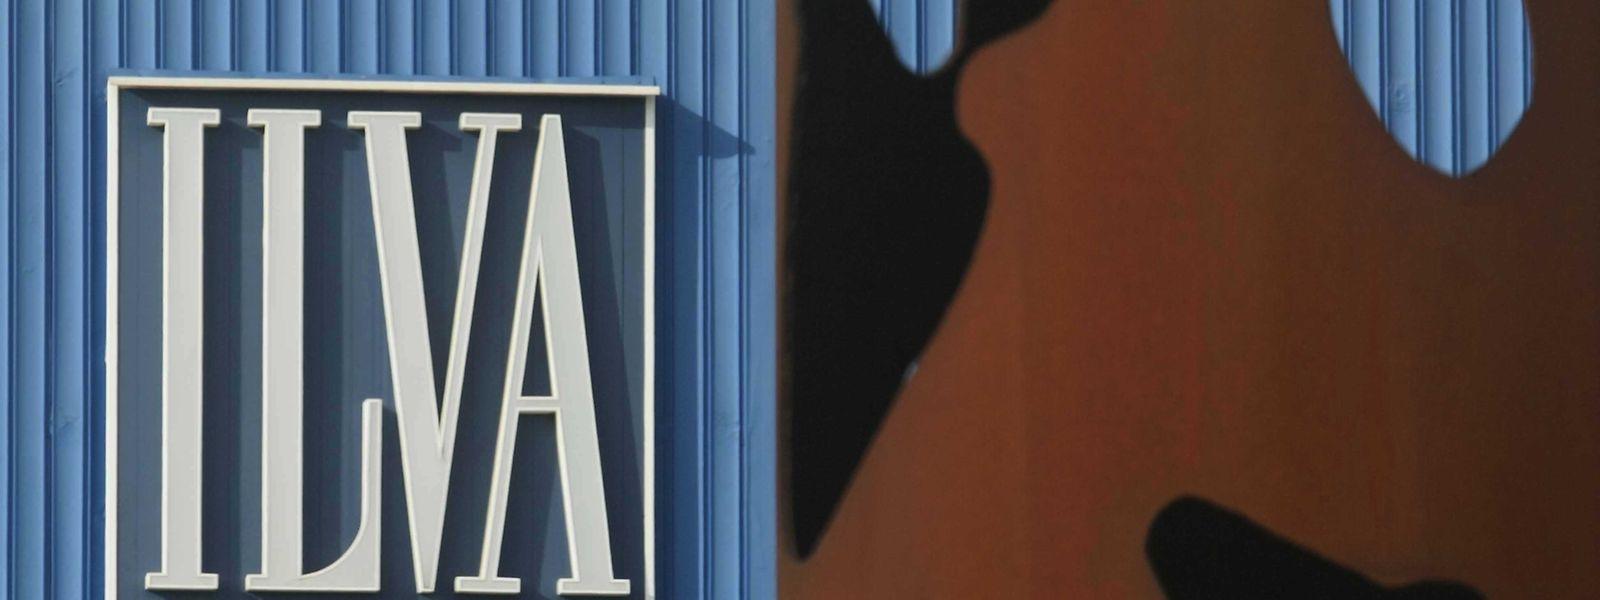 Wegen massiver Umweltverstöße war das Werk ILVA vor einigen Jahren unter staatliche Verwaltung gestellt worden.